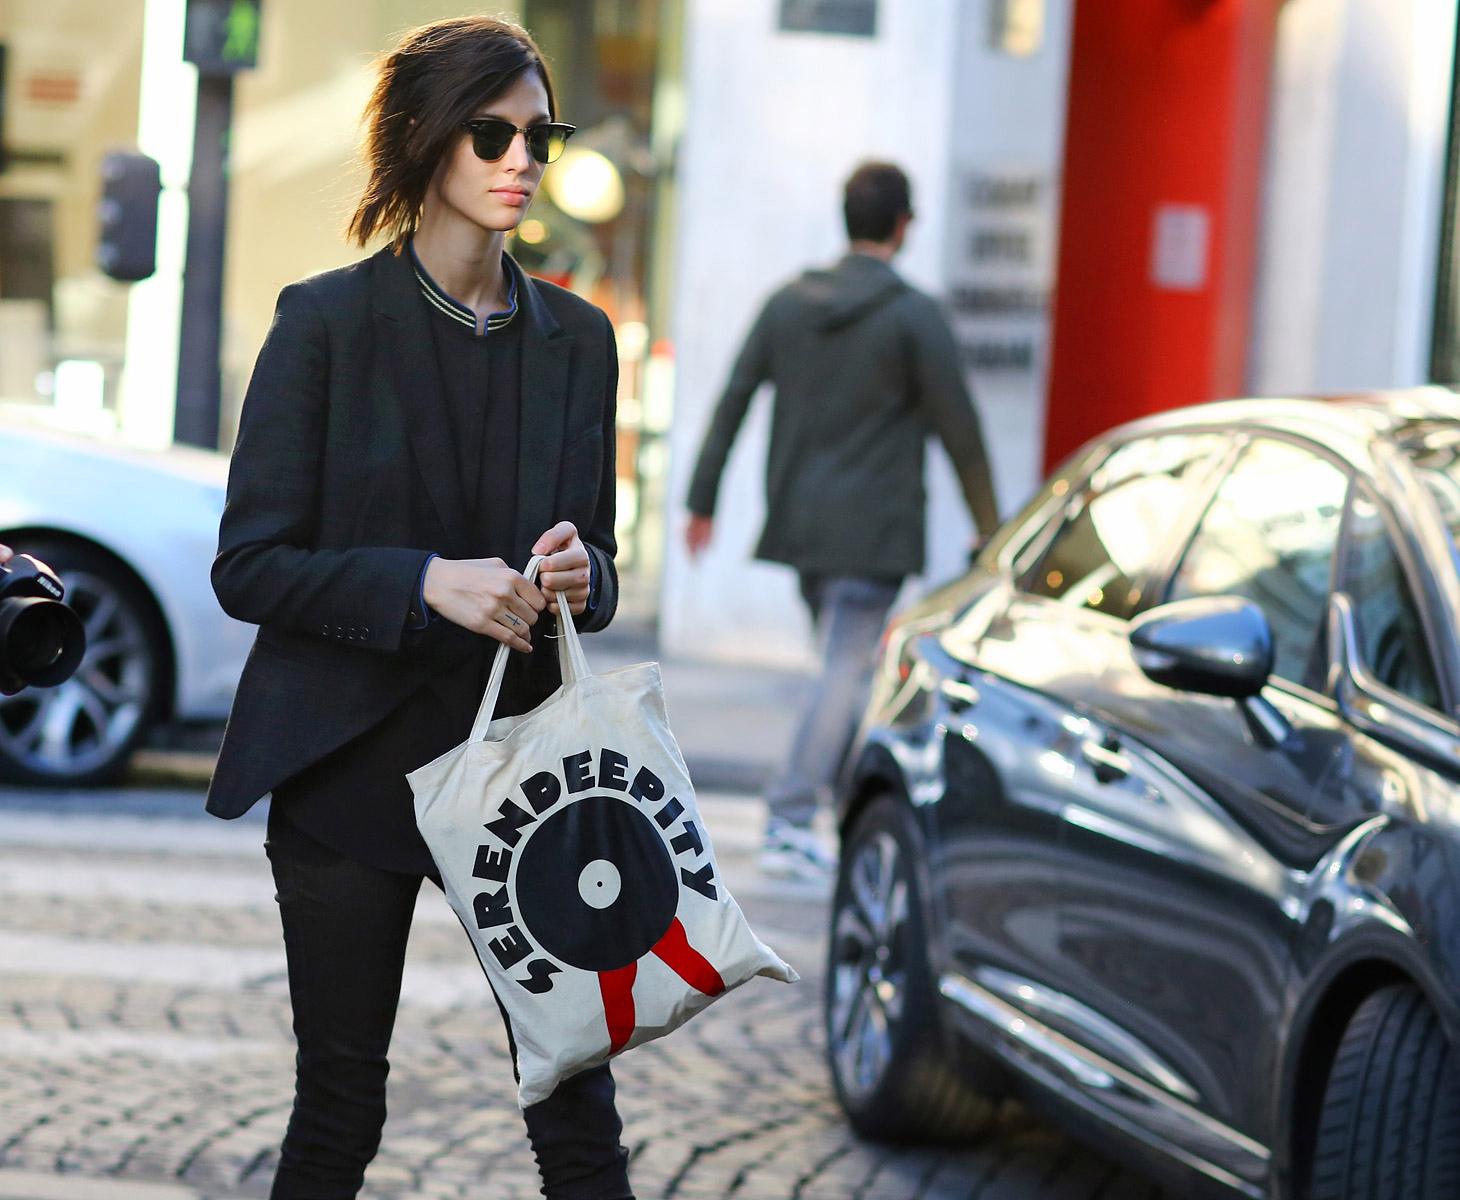 26 best images about Totes bag on Pinterest | Kate middleton, Emma ...